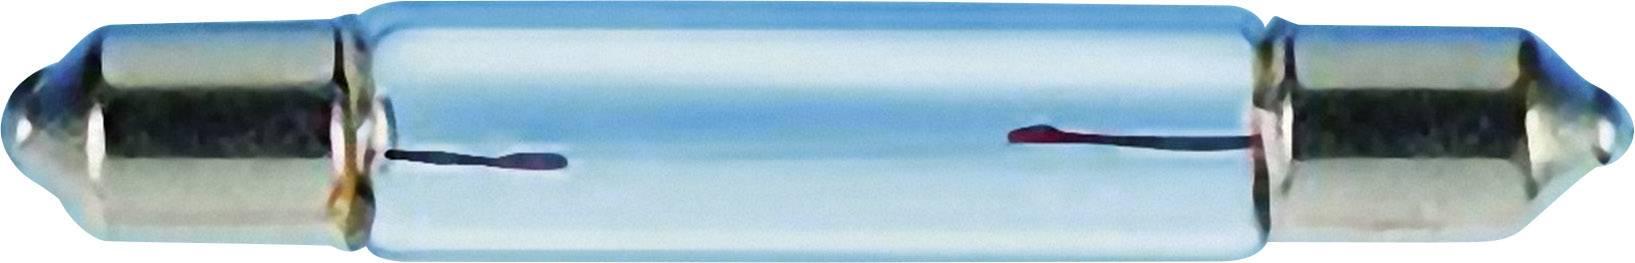 Sulfitová žiarovka Barthelme 00332403, S5.5, číra, 1 ks